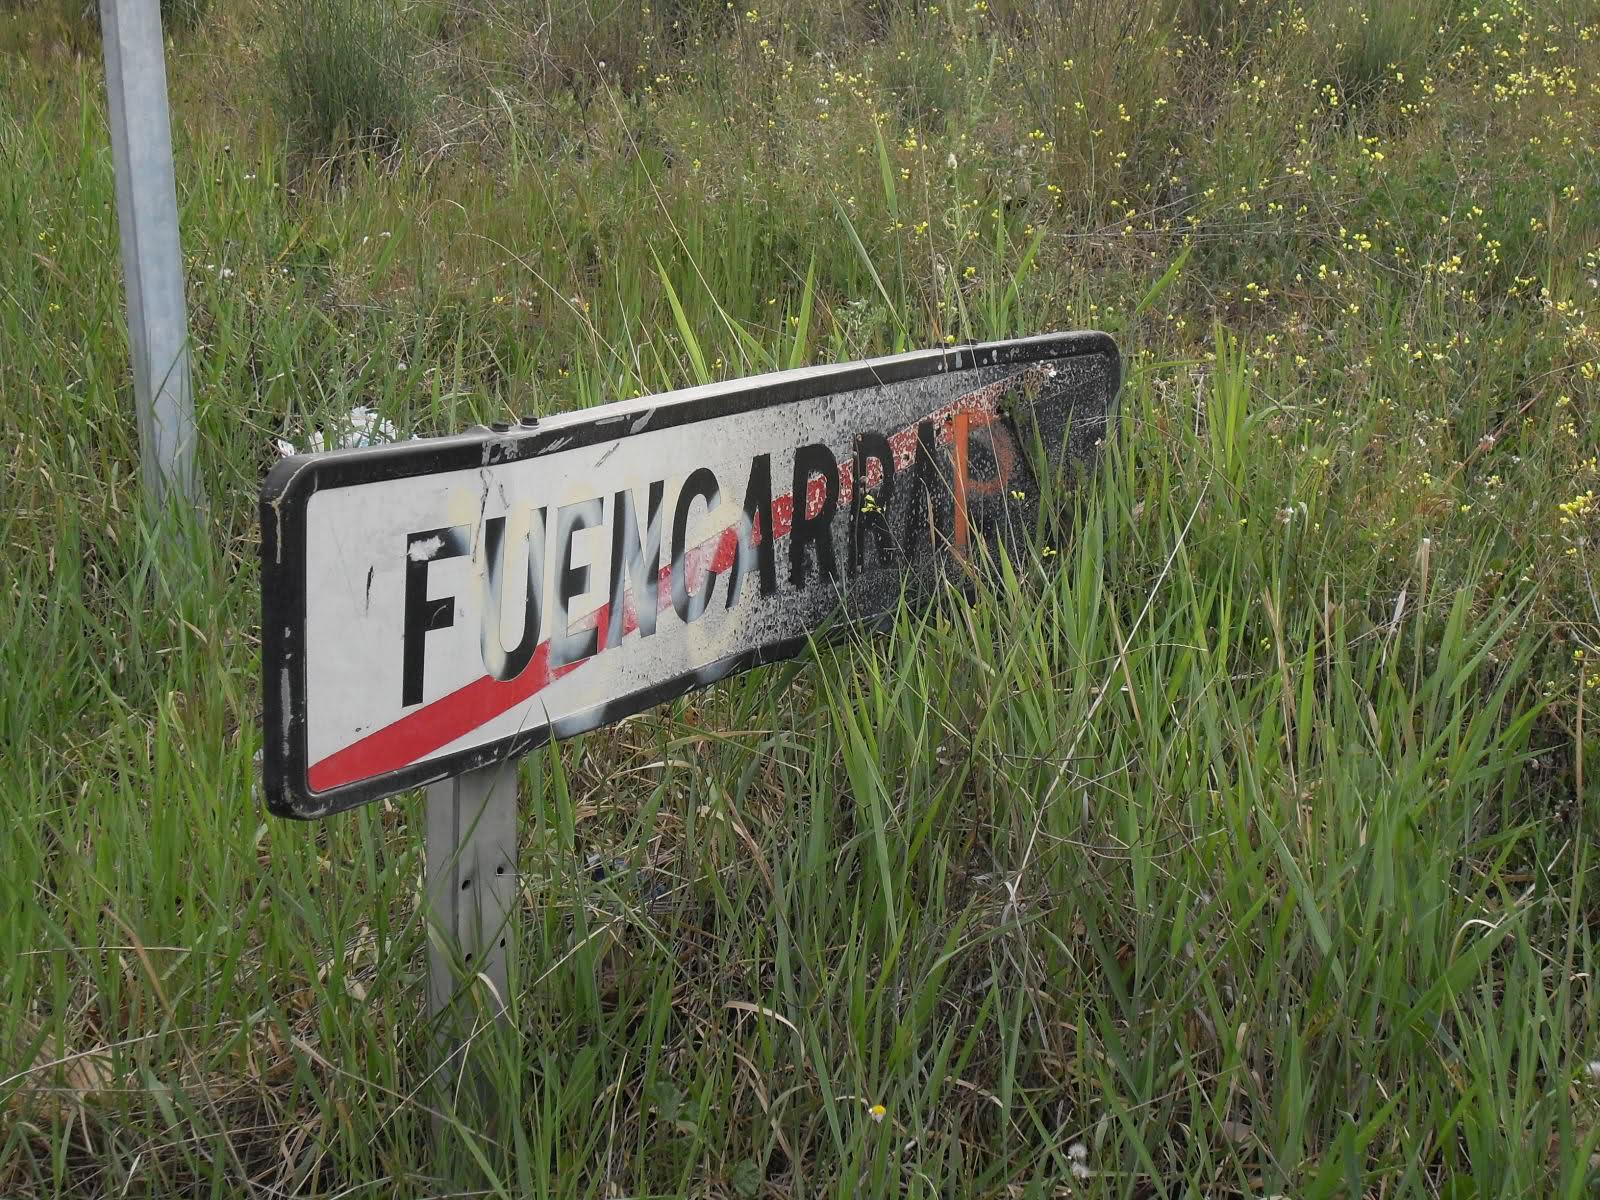 la EMT sigue dejando sin servicio a Fuencarral con cercanias